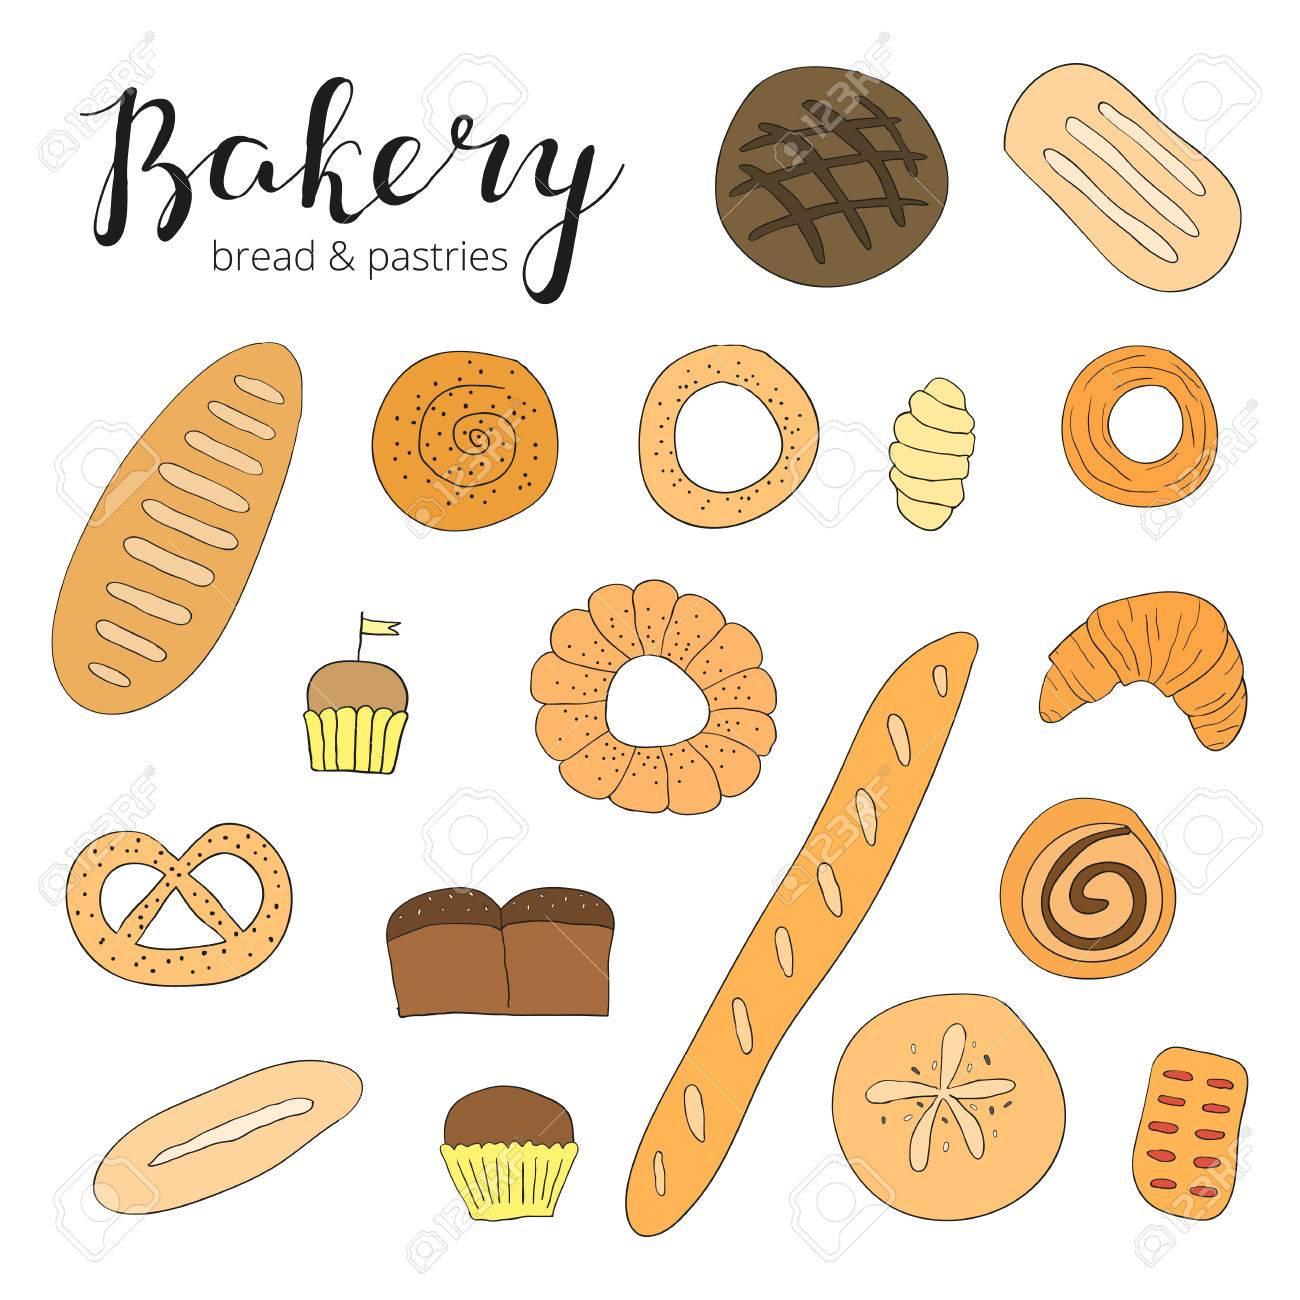 手描き焼成のパンやお菓子ベーカリー製品を落書きパンマフィン